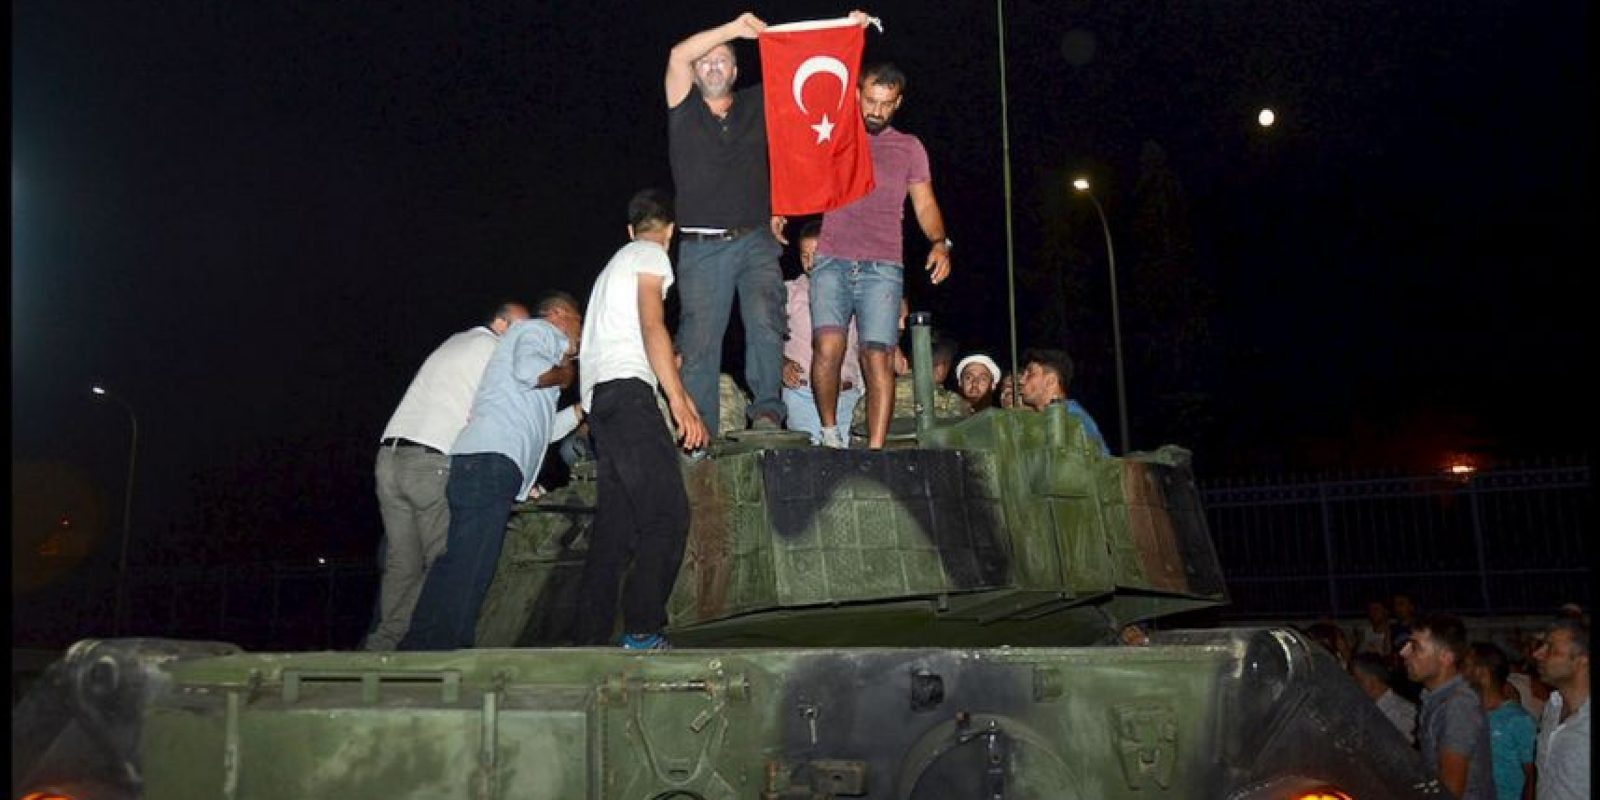 Ciudadanos se manifestaron en la calles de Turquía contra el golpe de Estado que una facción dentro de las Fuerzas Armadas del país intentaban realizar. Foto:AP